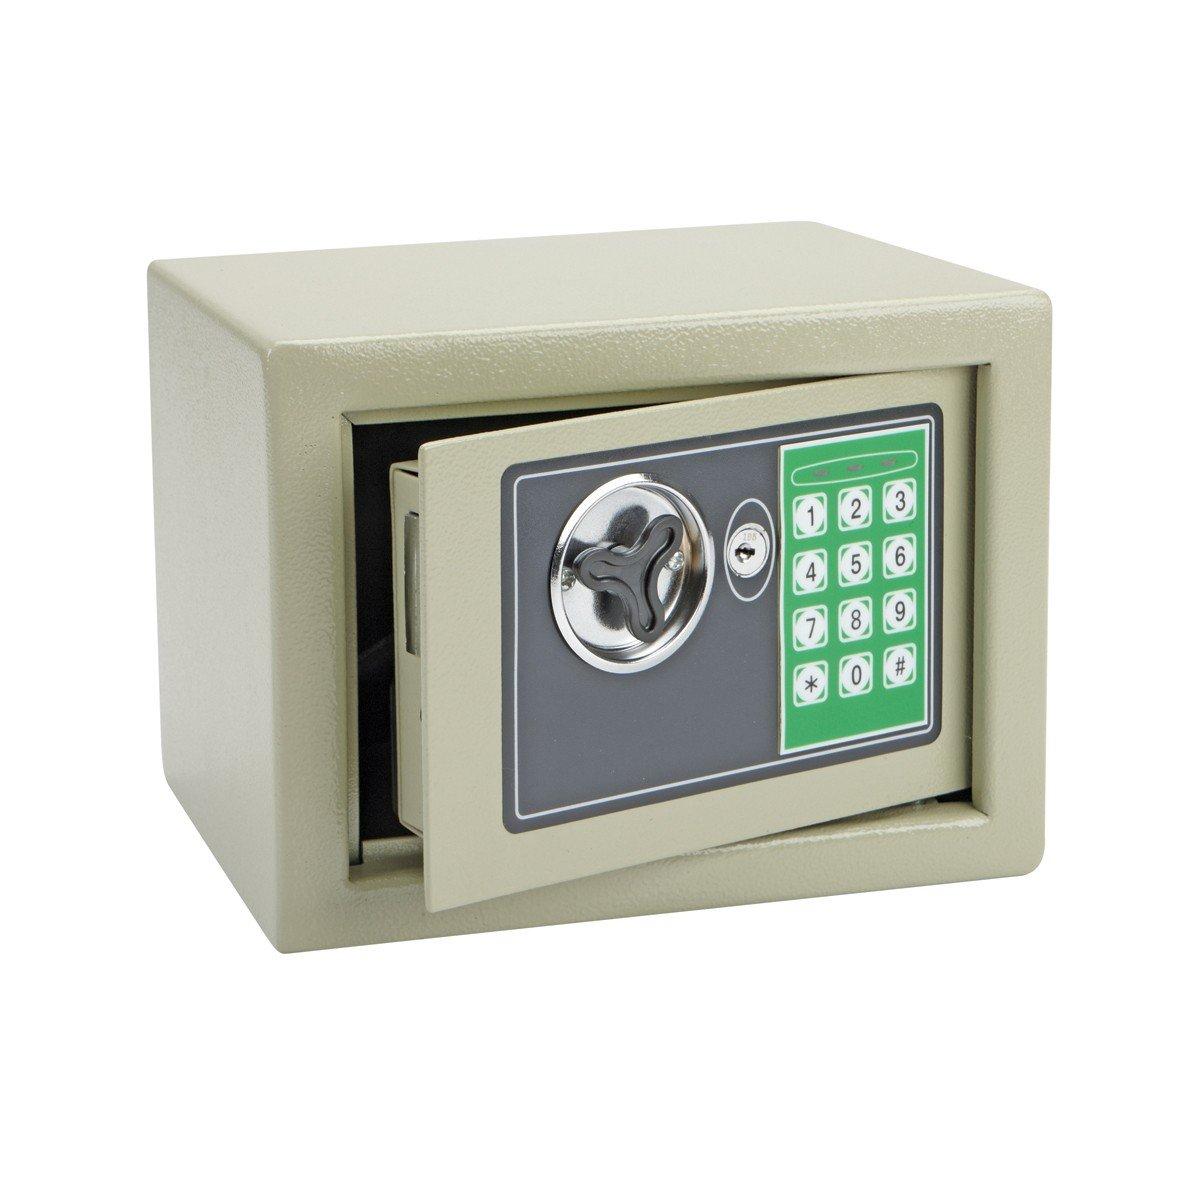 0.19 Cubic Ft. Electronic Digital Safe -USATM